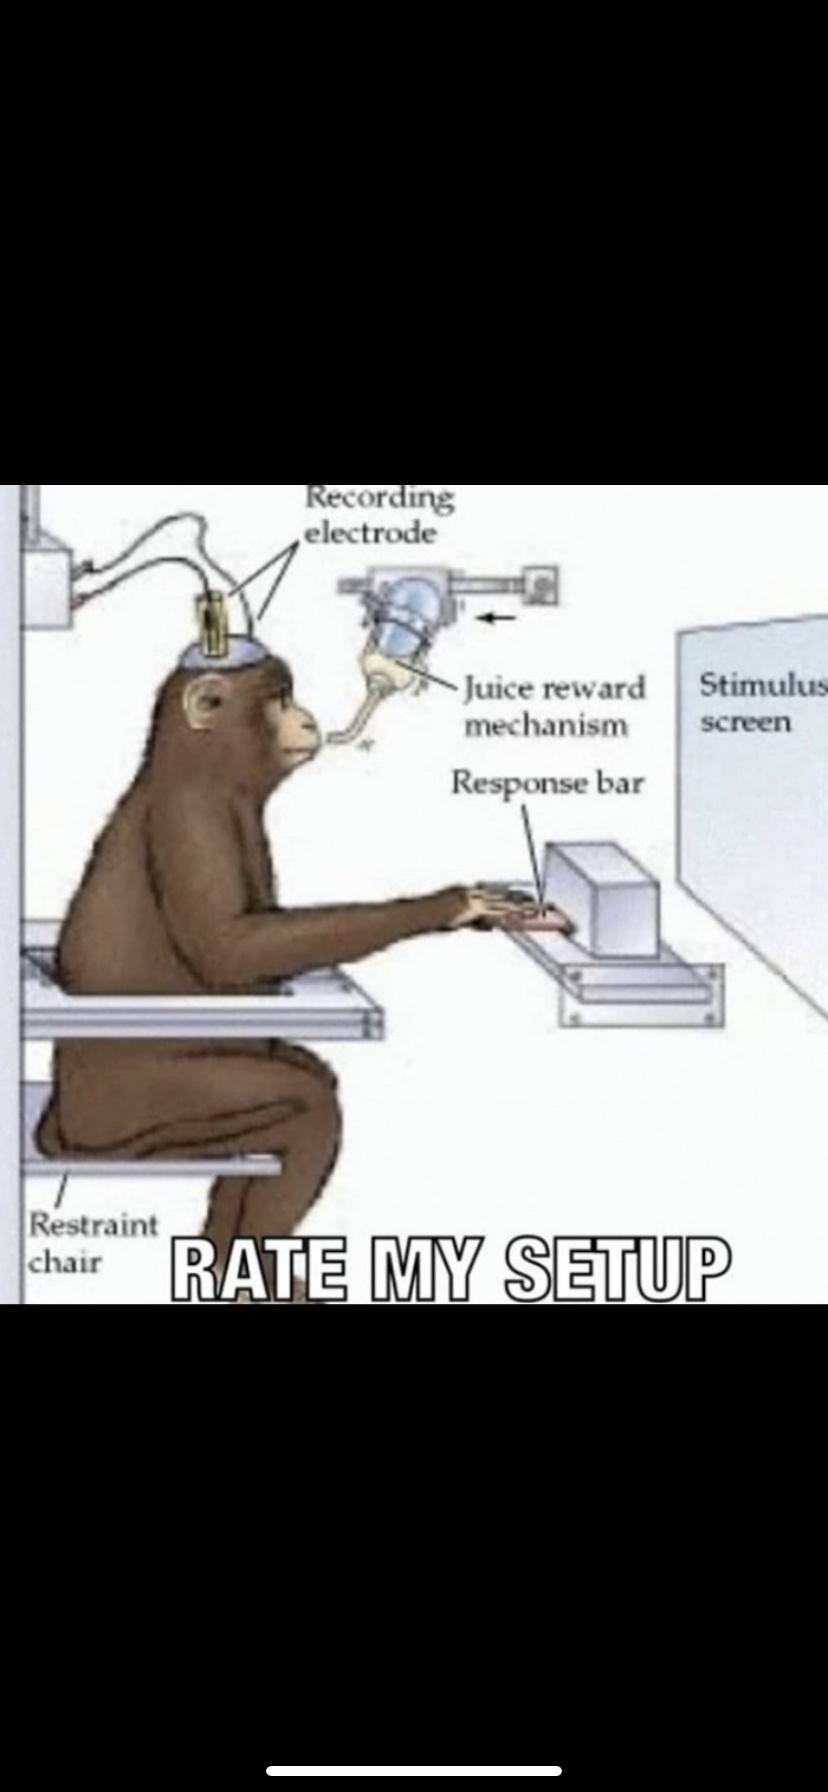 Rate his setup - meme